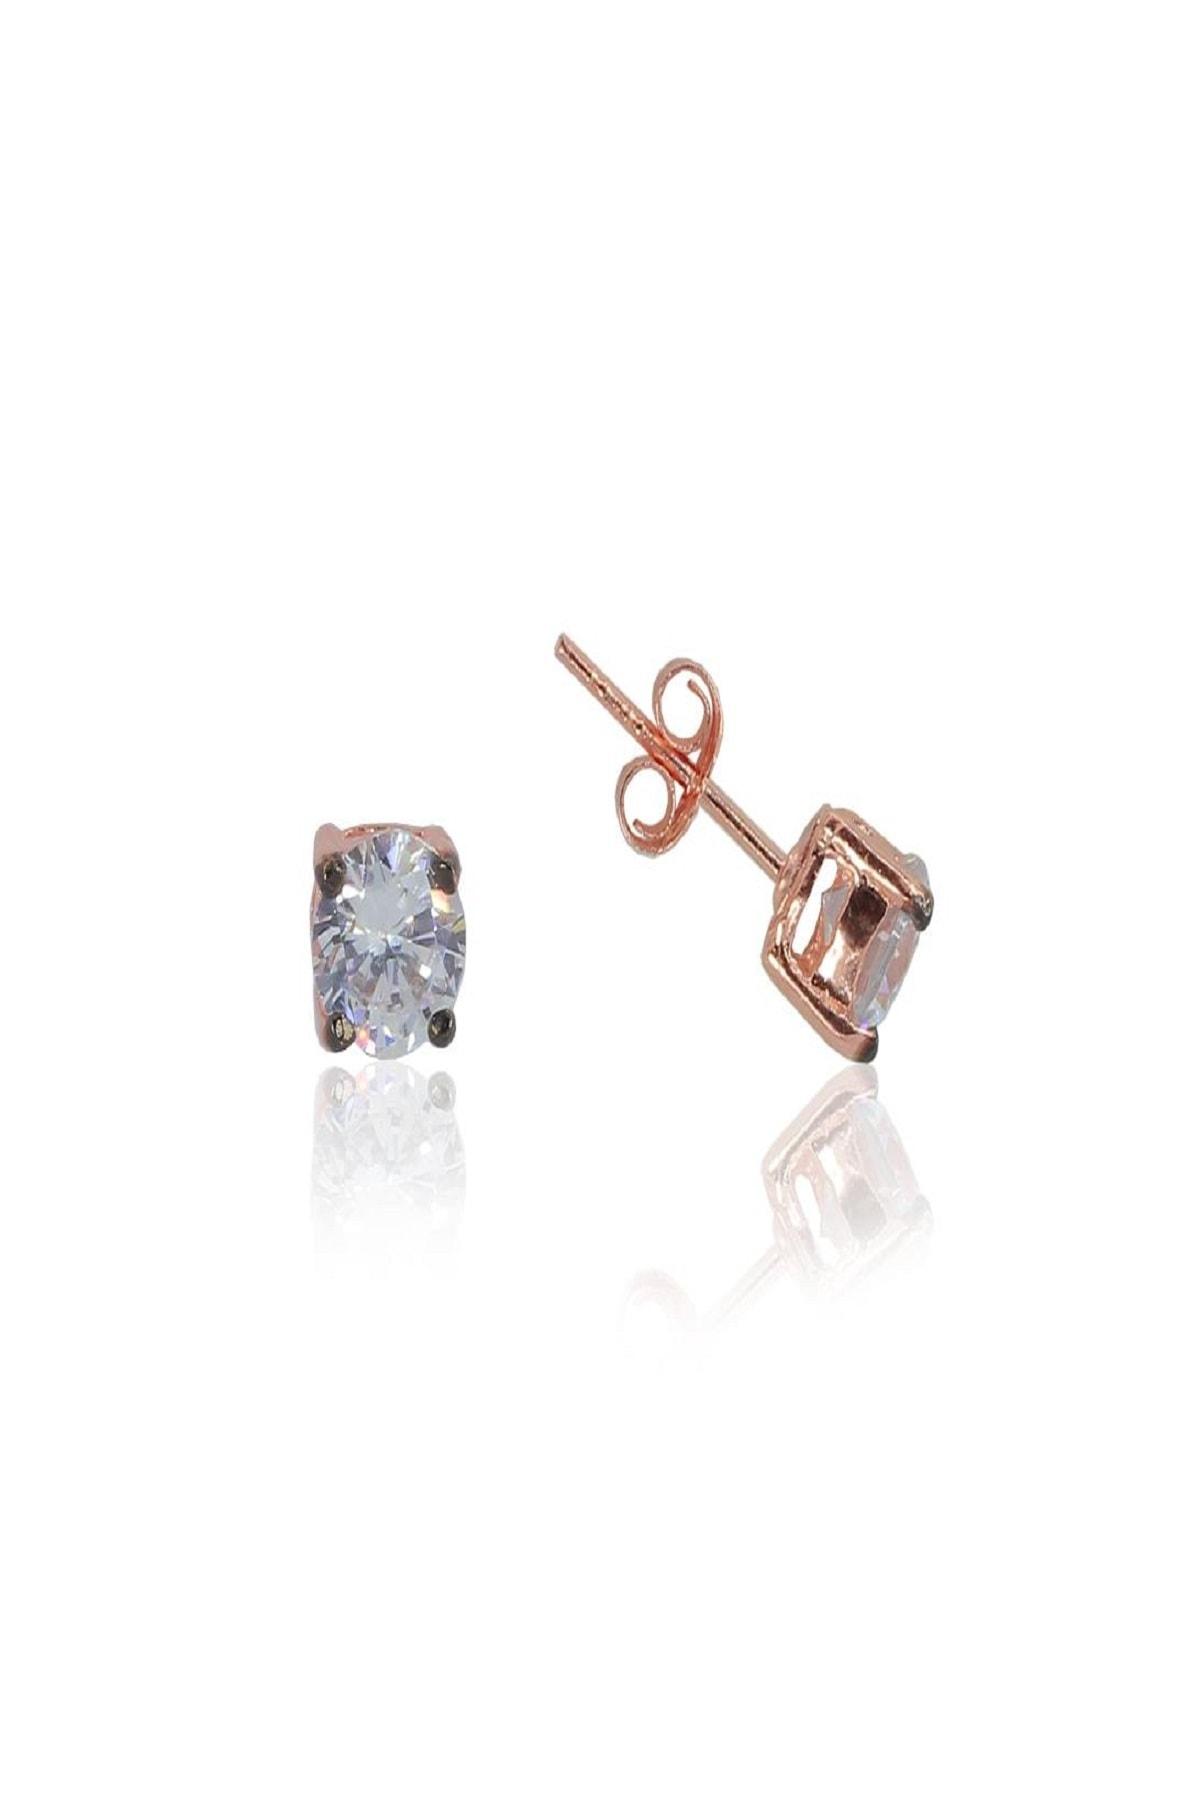 Söğütlü Silver Gümüş rose kolye ve küpe gümüş set 2